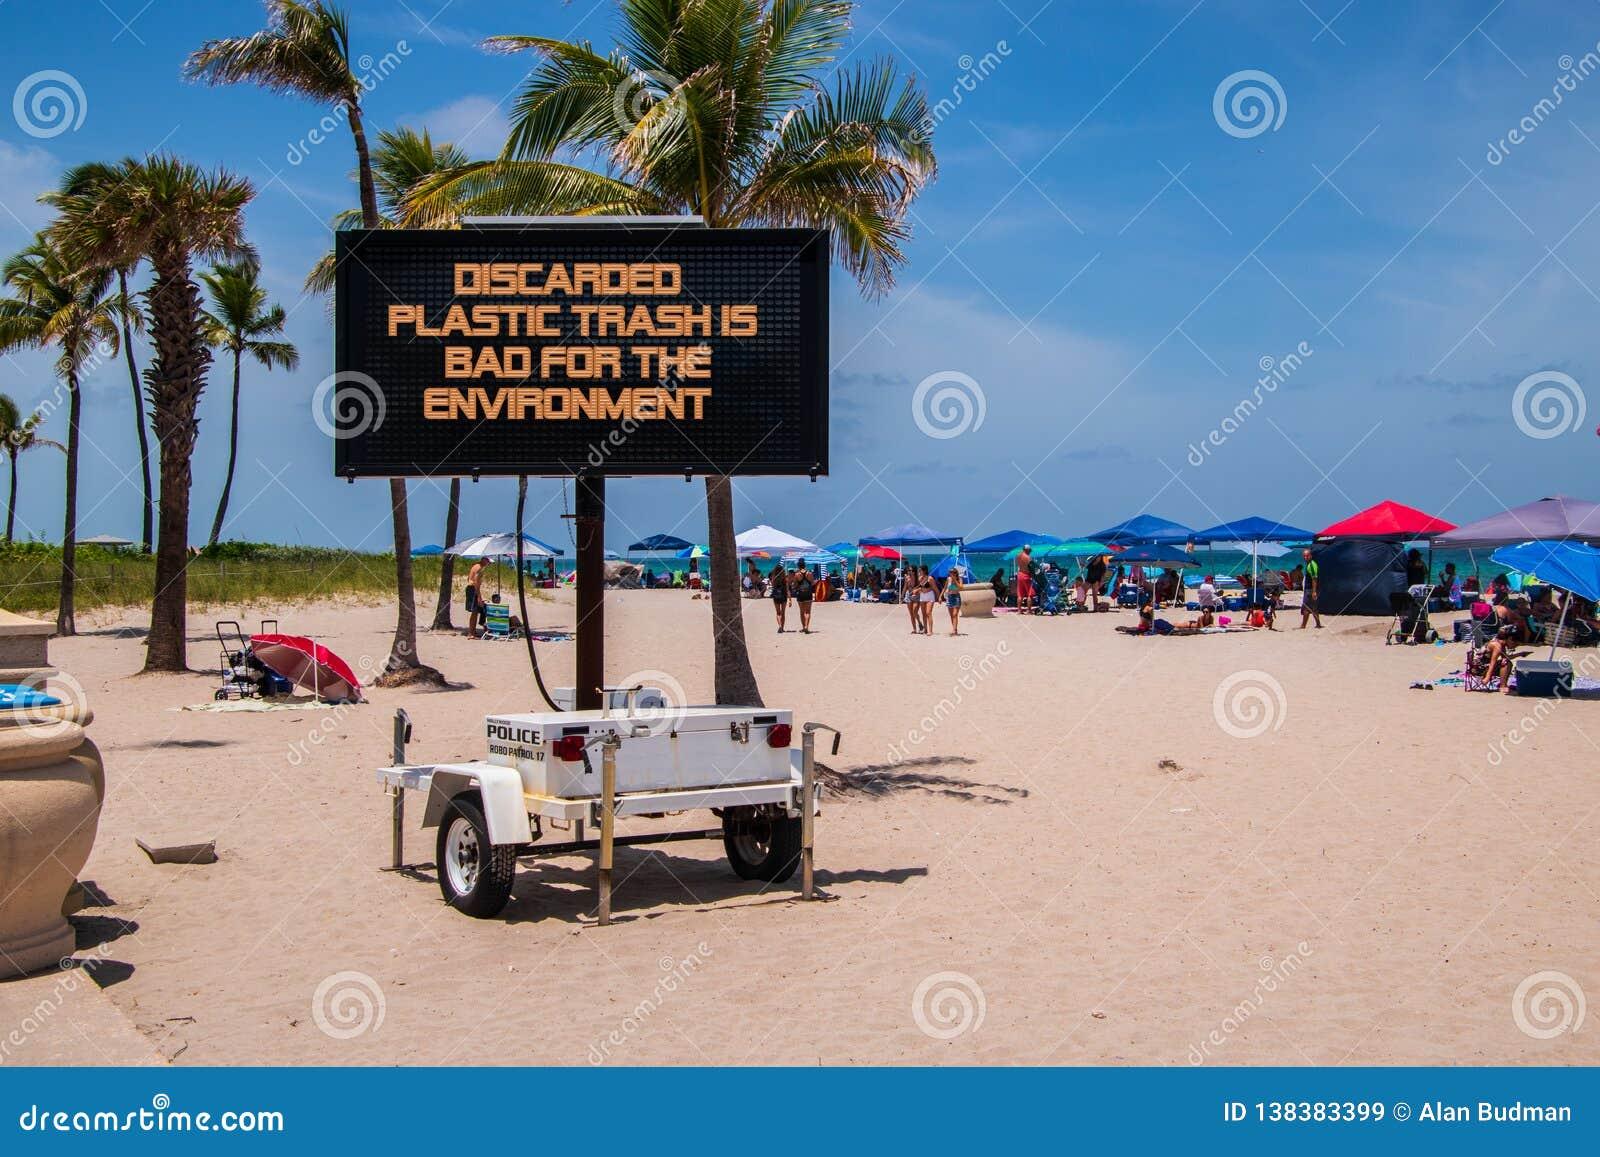 在说的海滩的流动标志,被放弃的塑料垃圾为环境是坏的